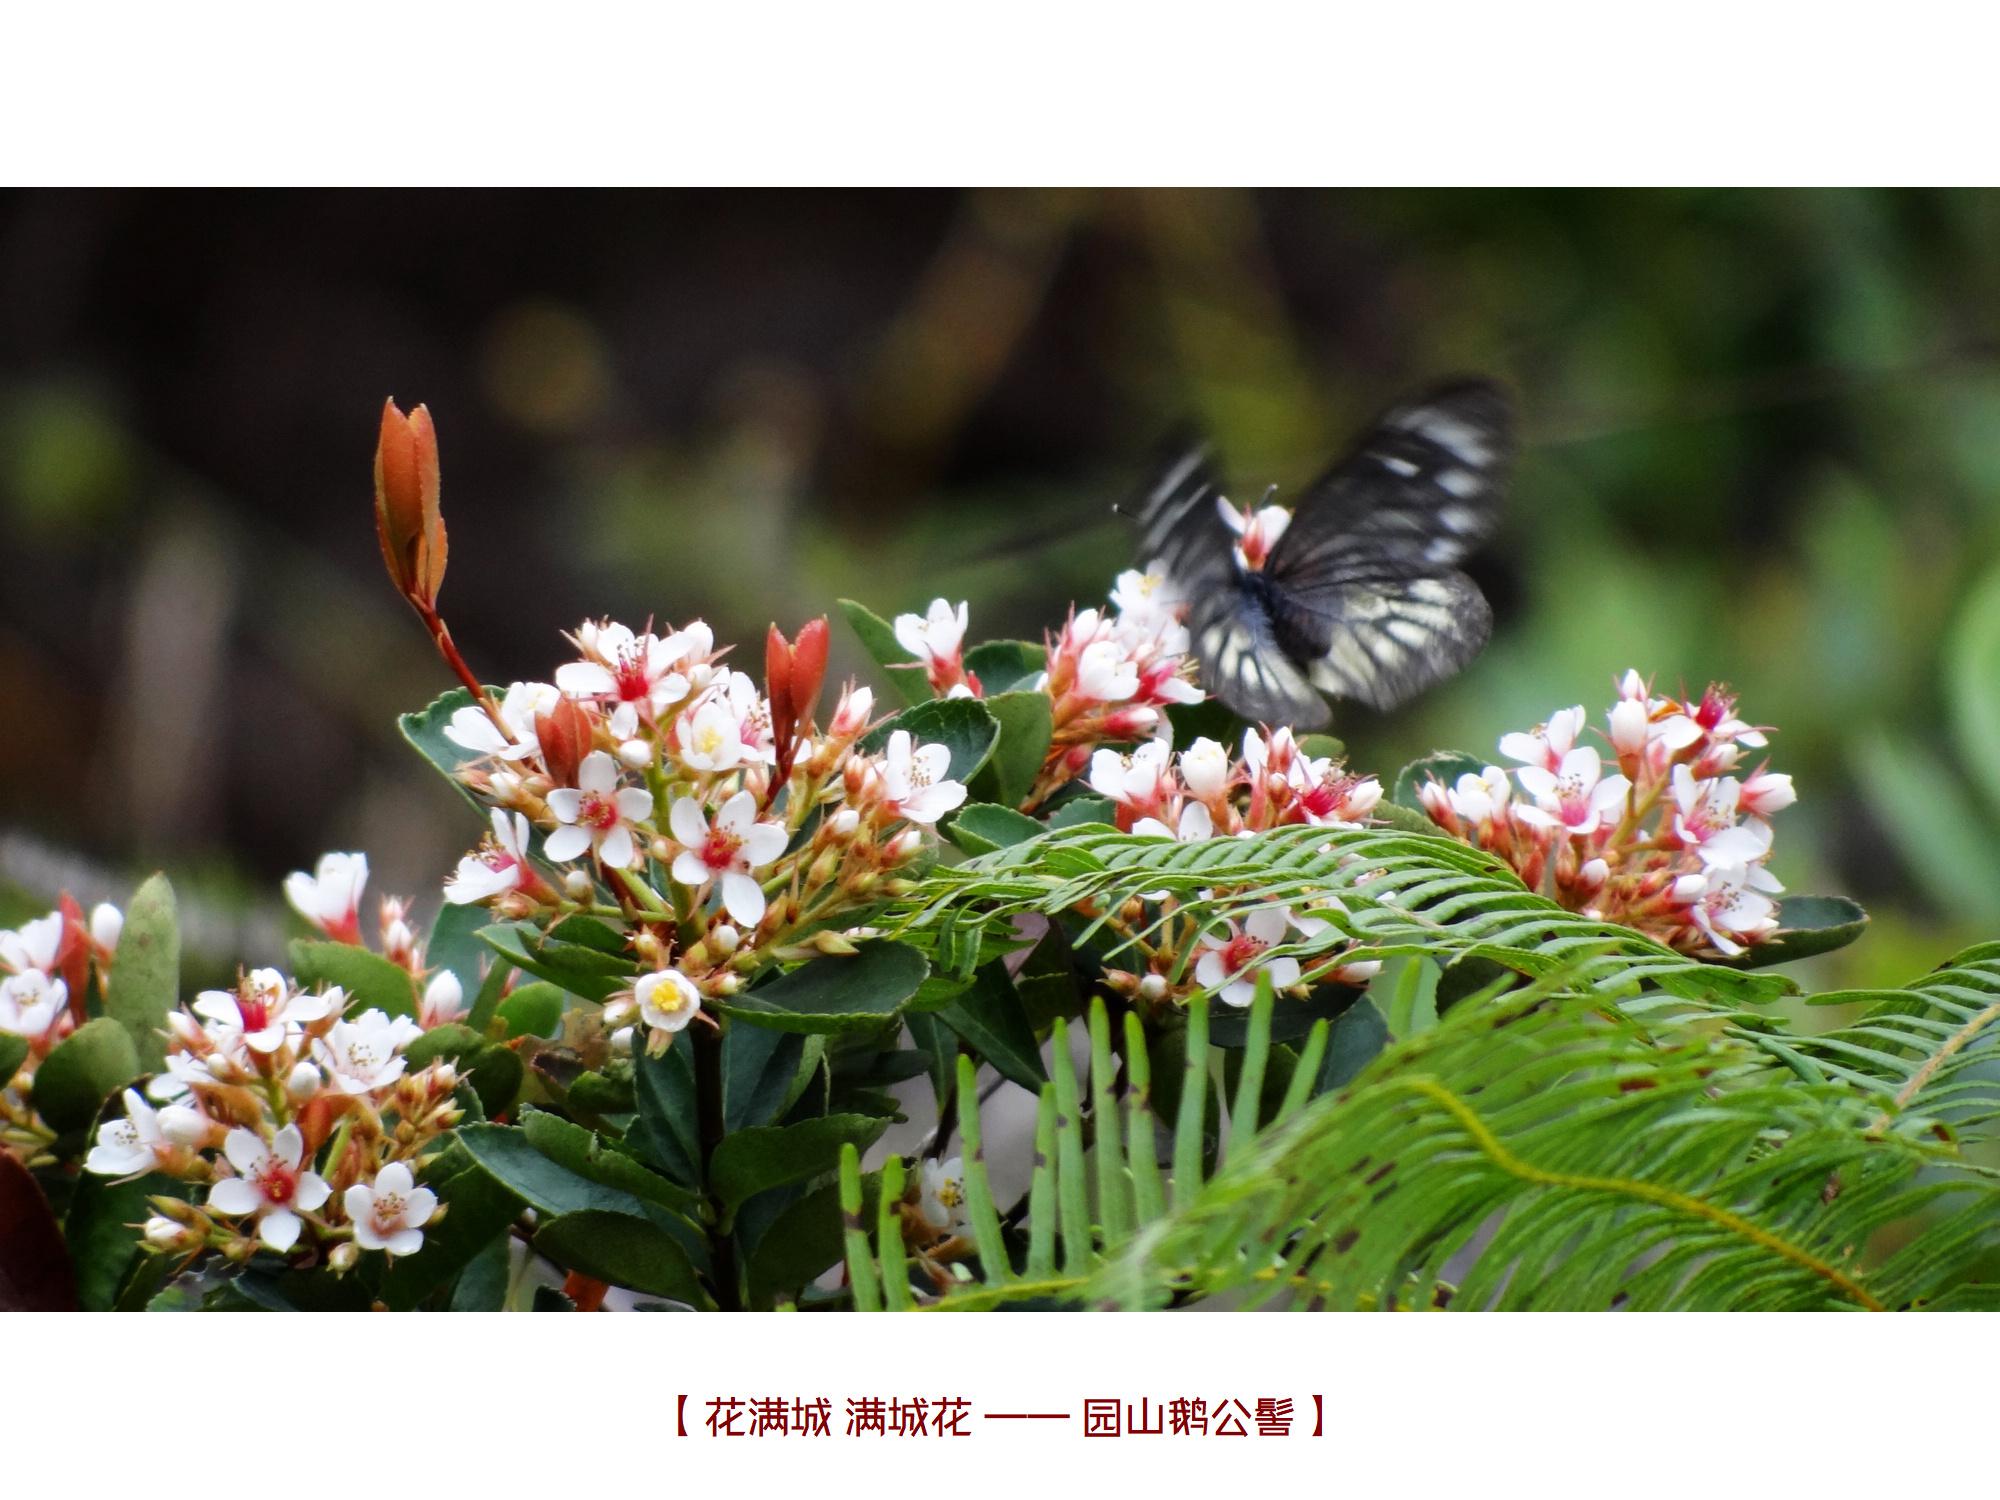 DSC00214 鹅公髻.jpg